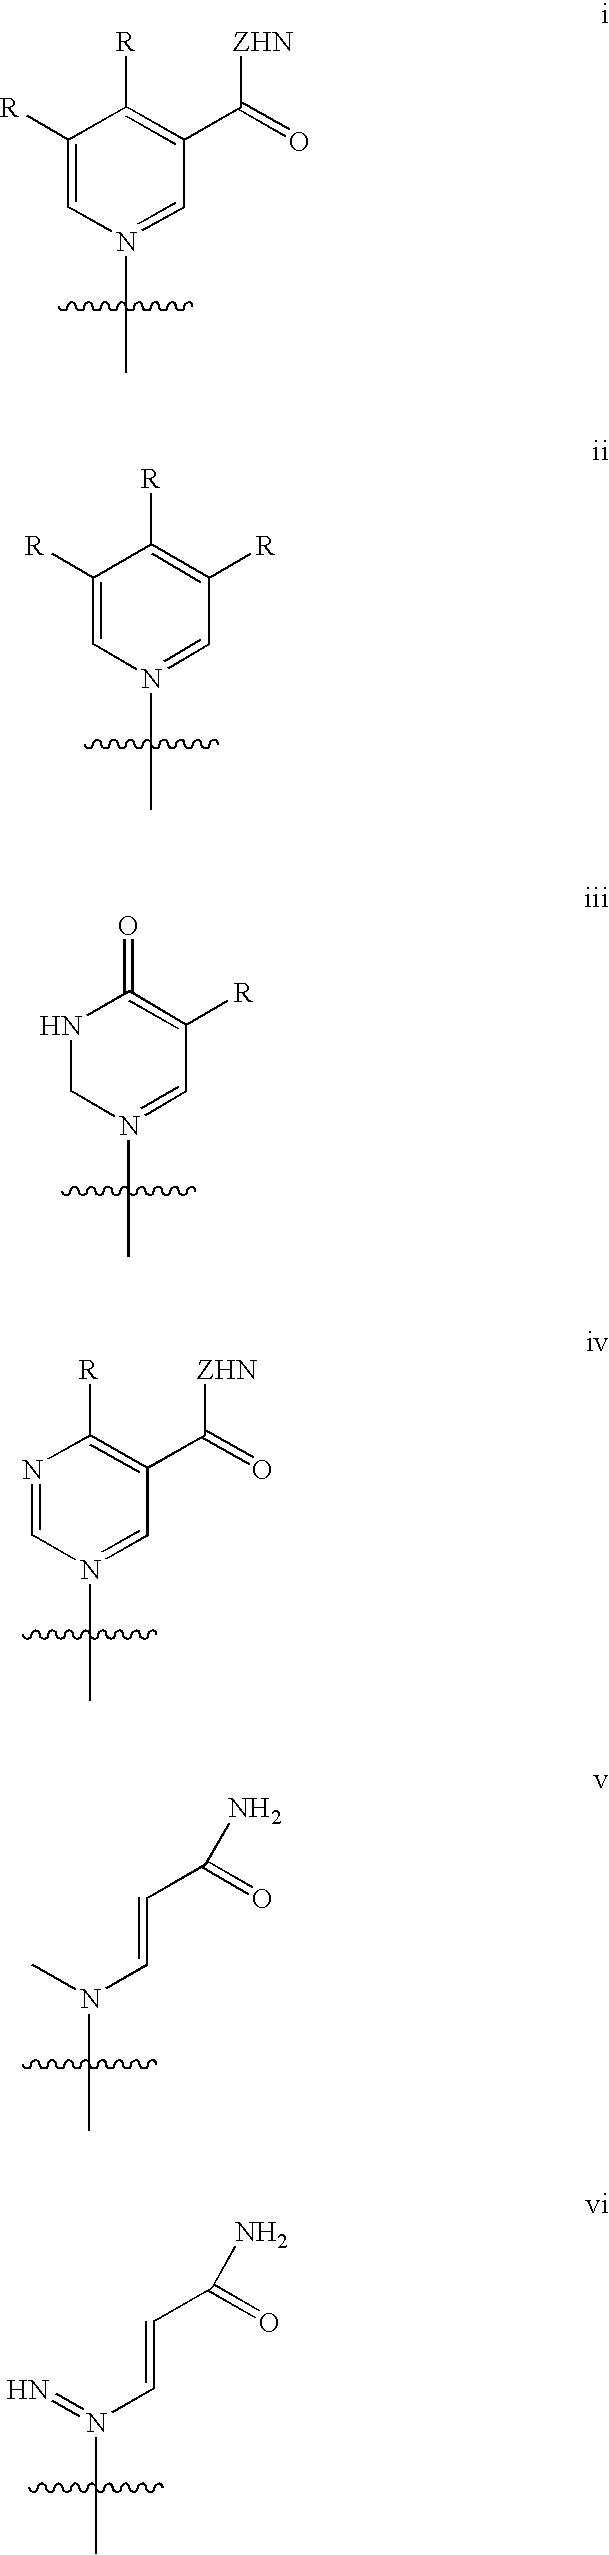 Figure US08017634-20110913-C00028